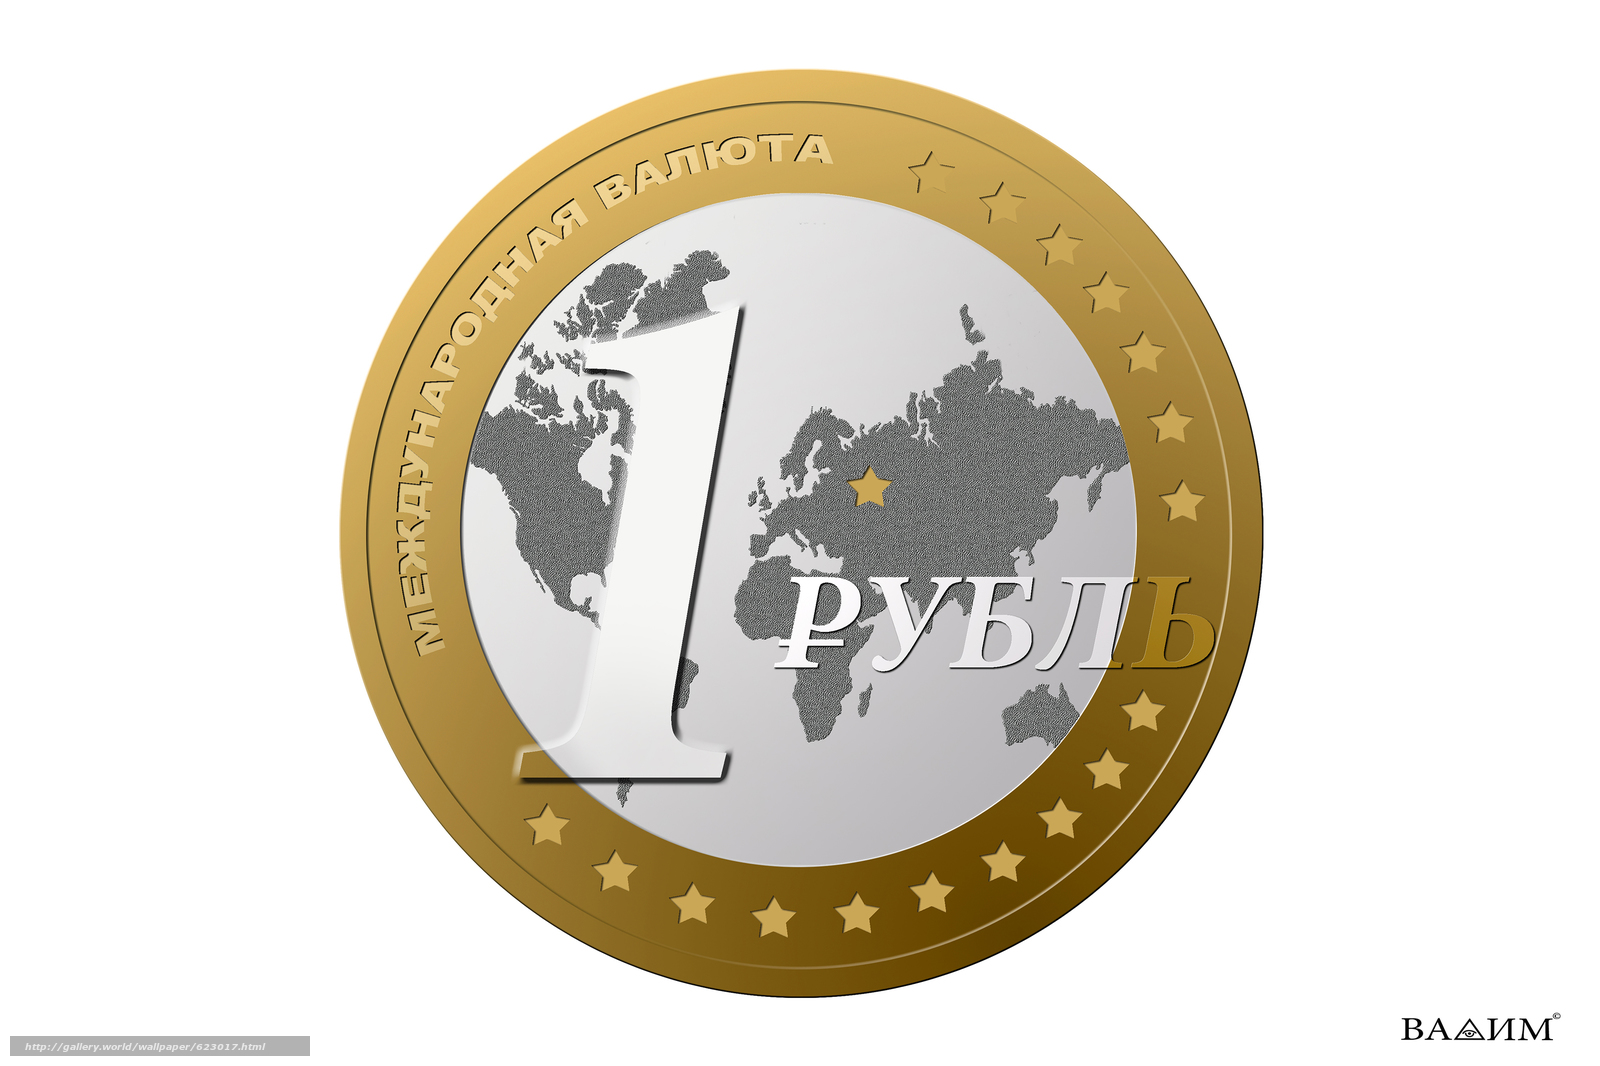 Скачать на телефон обои фото картинку на тему Россия, валюта, деньги, бизнес, дизайн, разширение 3098x2065